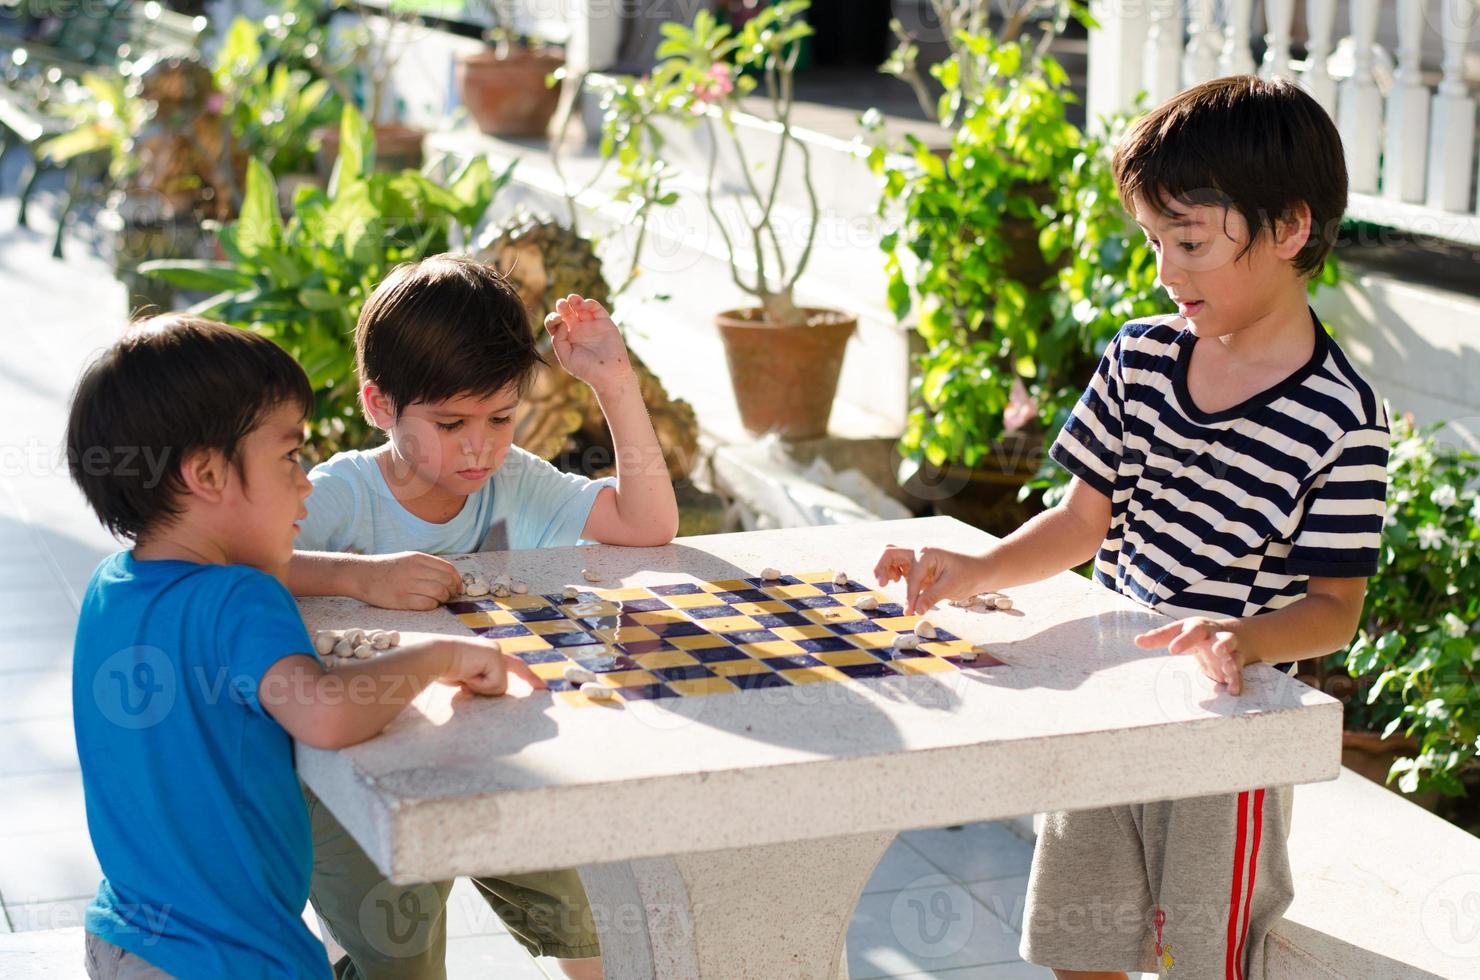 kleine jongen stenen schaken samen spelen foto